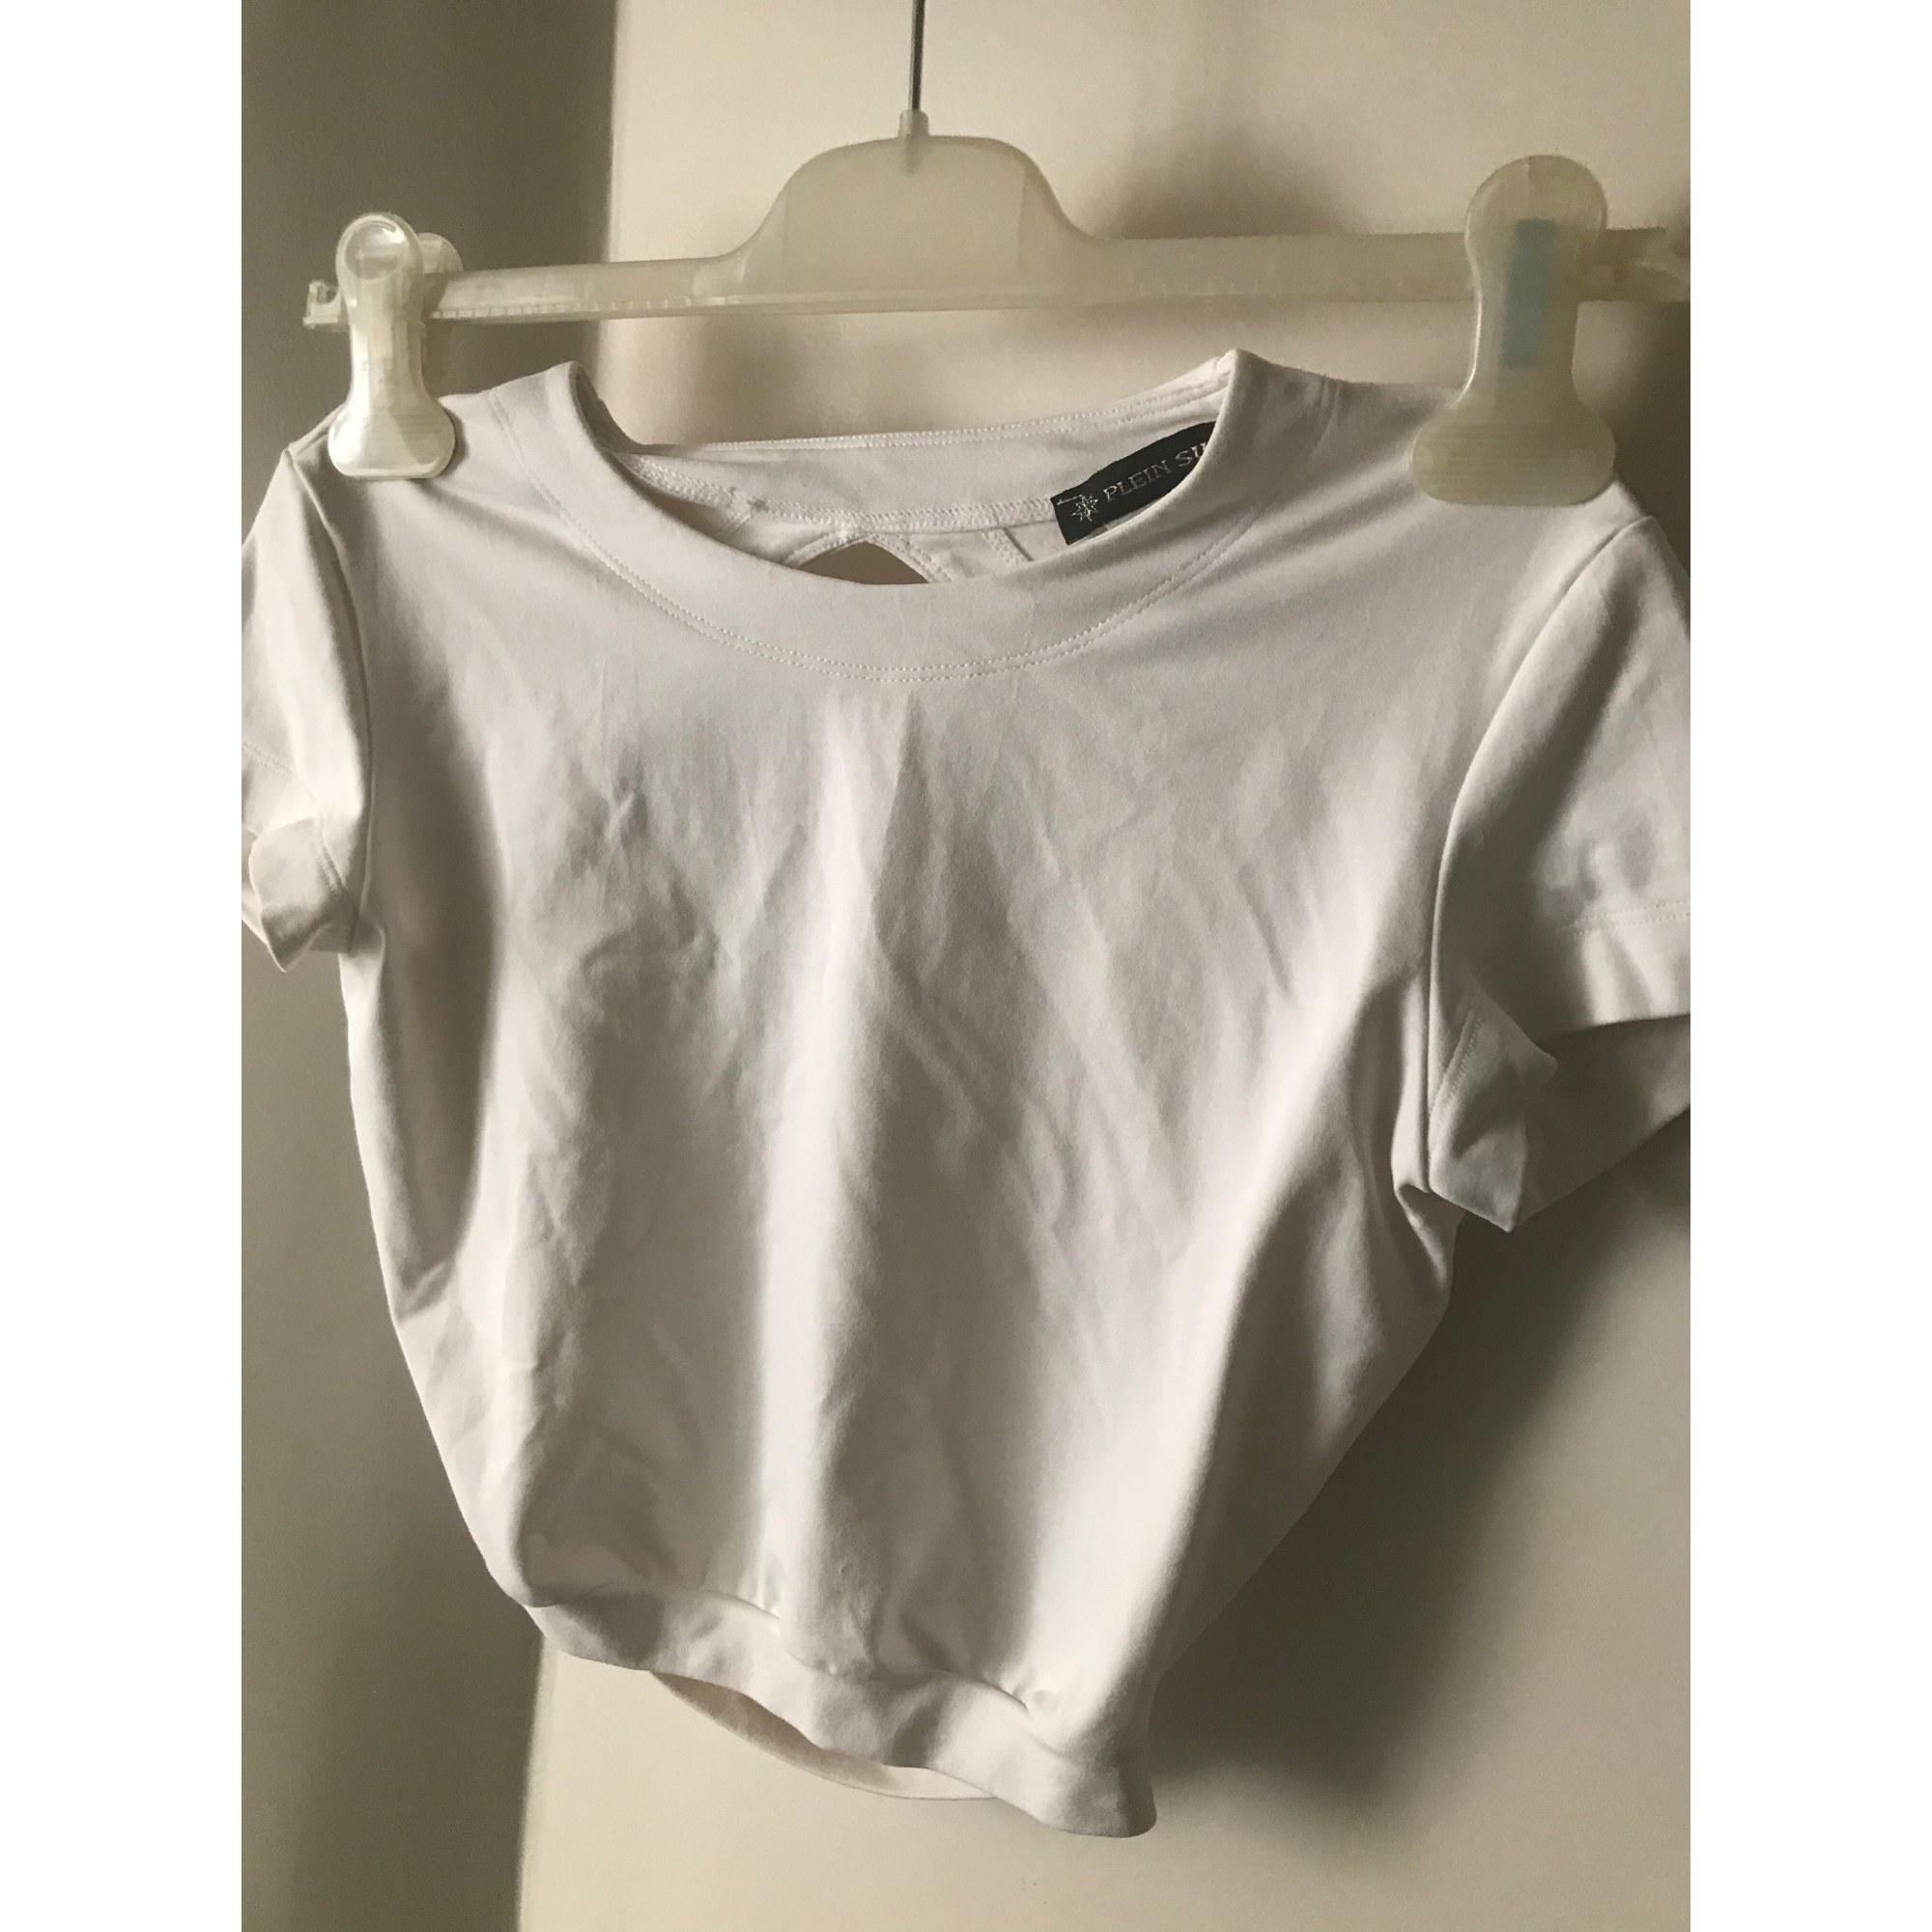 Top, tee-shirt PLEIN SUD Blanc, blanc cassé, écru